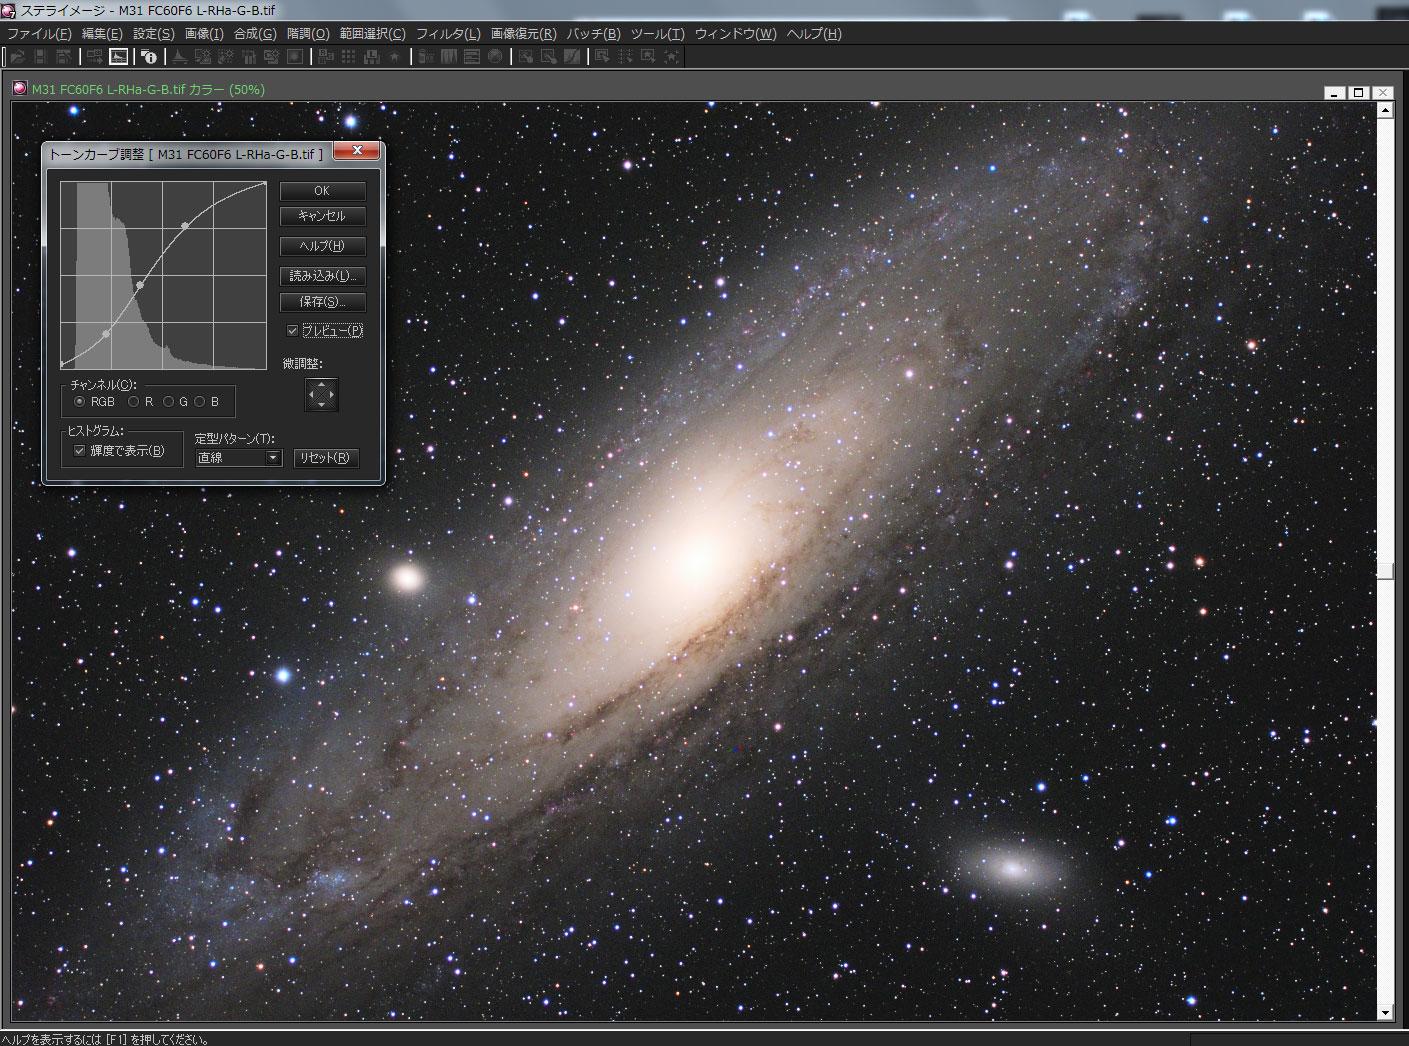 M31_eh